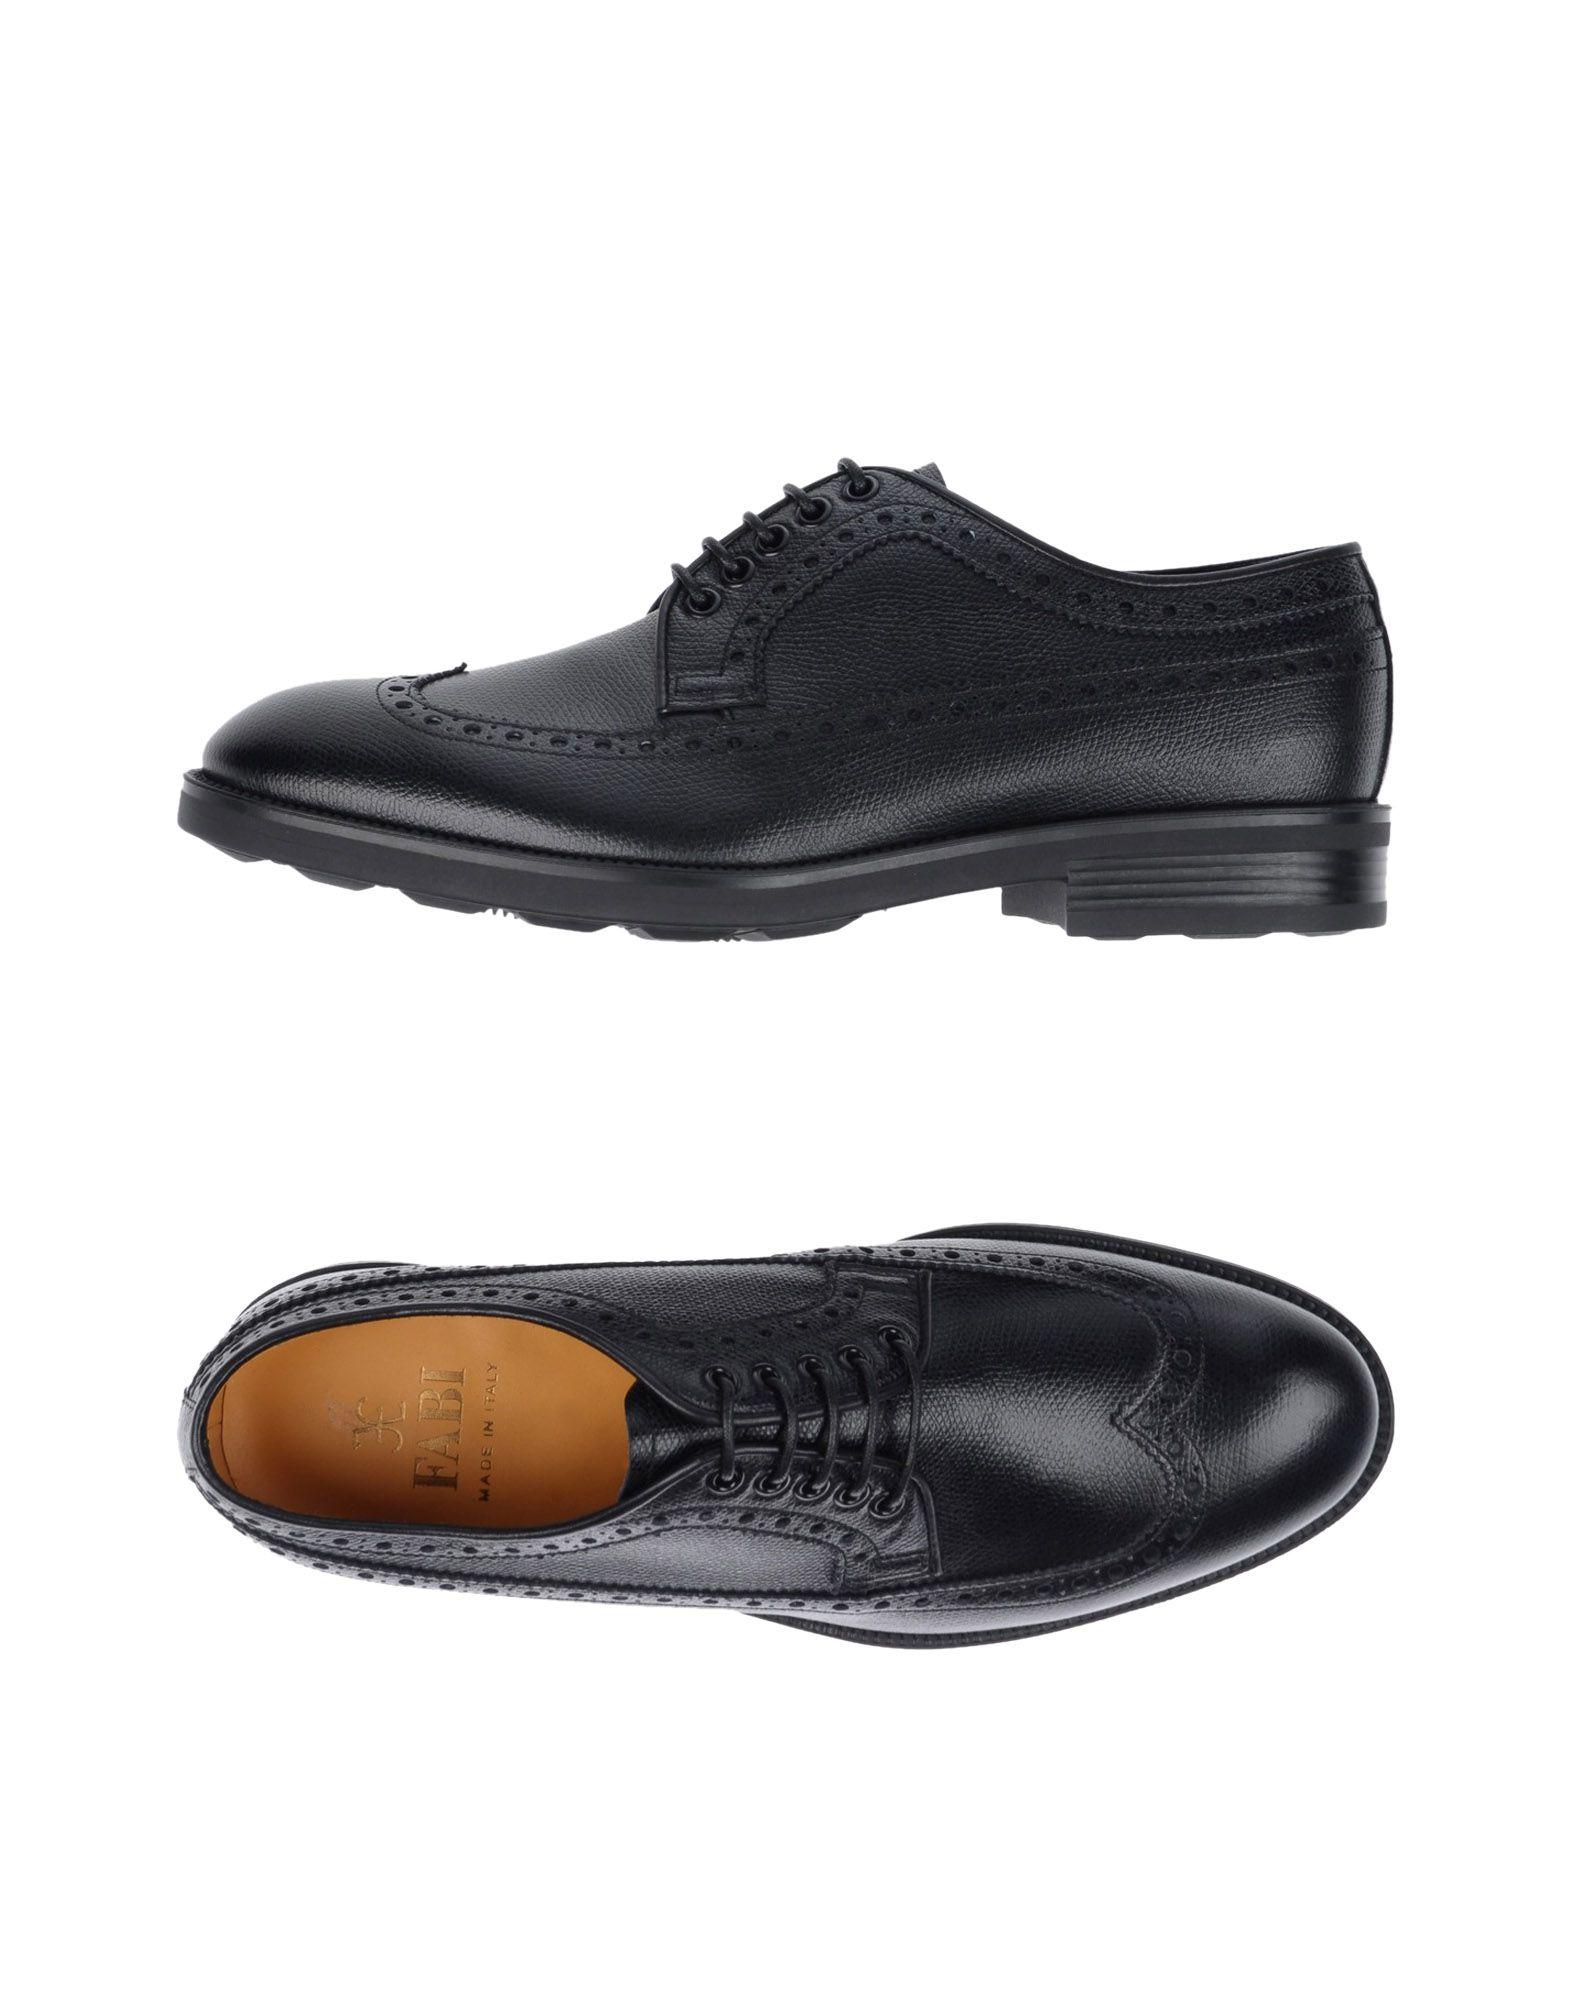 Fabi Gute Schnürschuhe Herren  11304160IC Gute Fabi Qualität beliebte Schuhe db9bc8